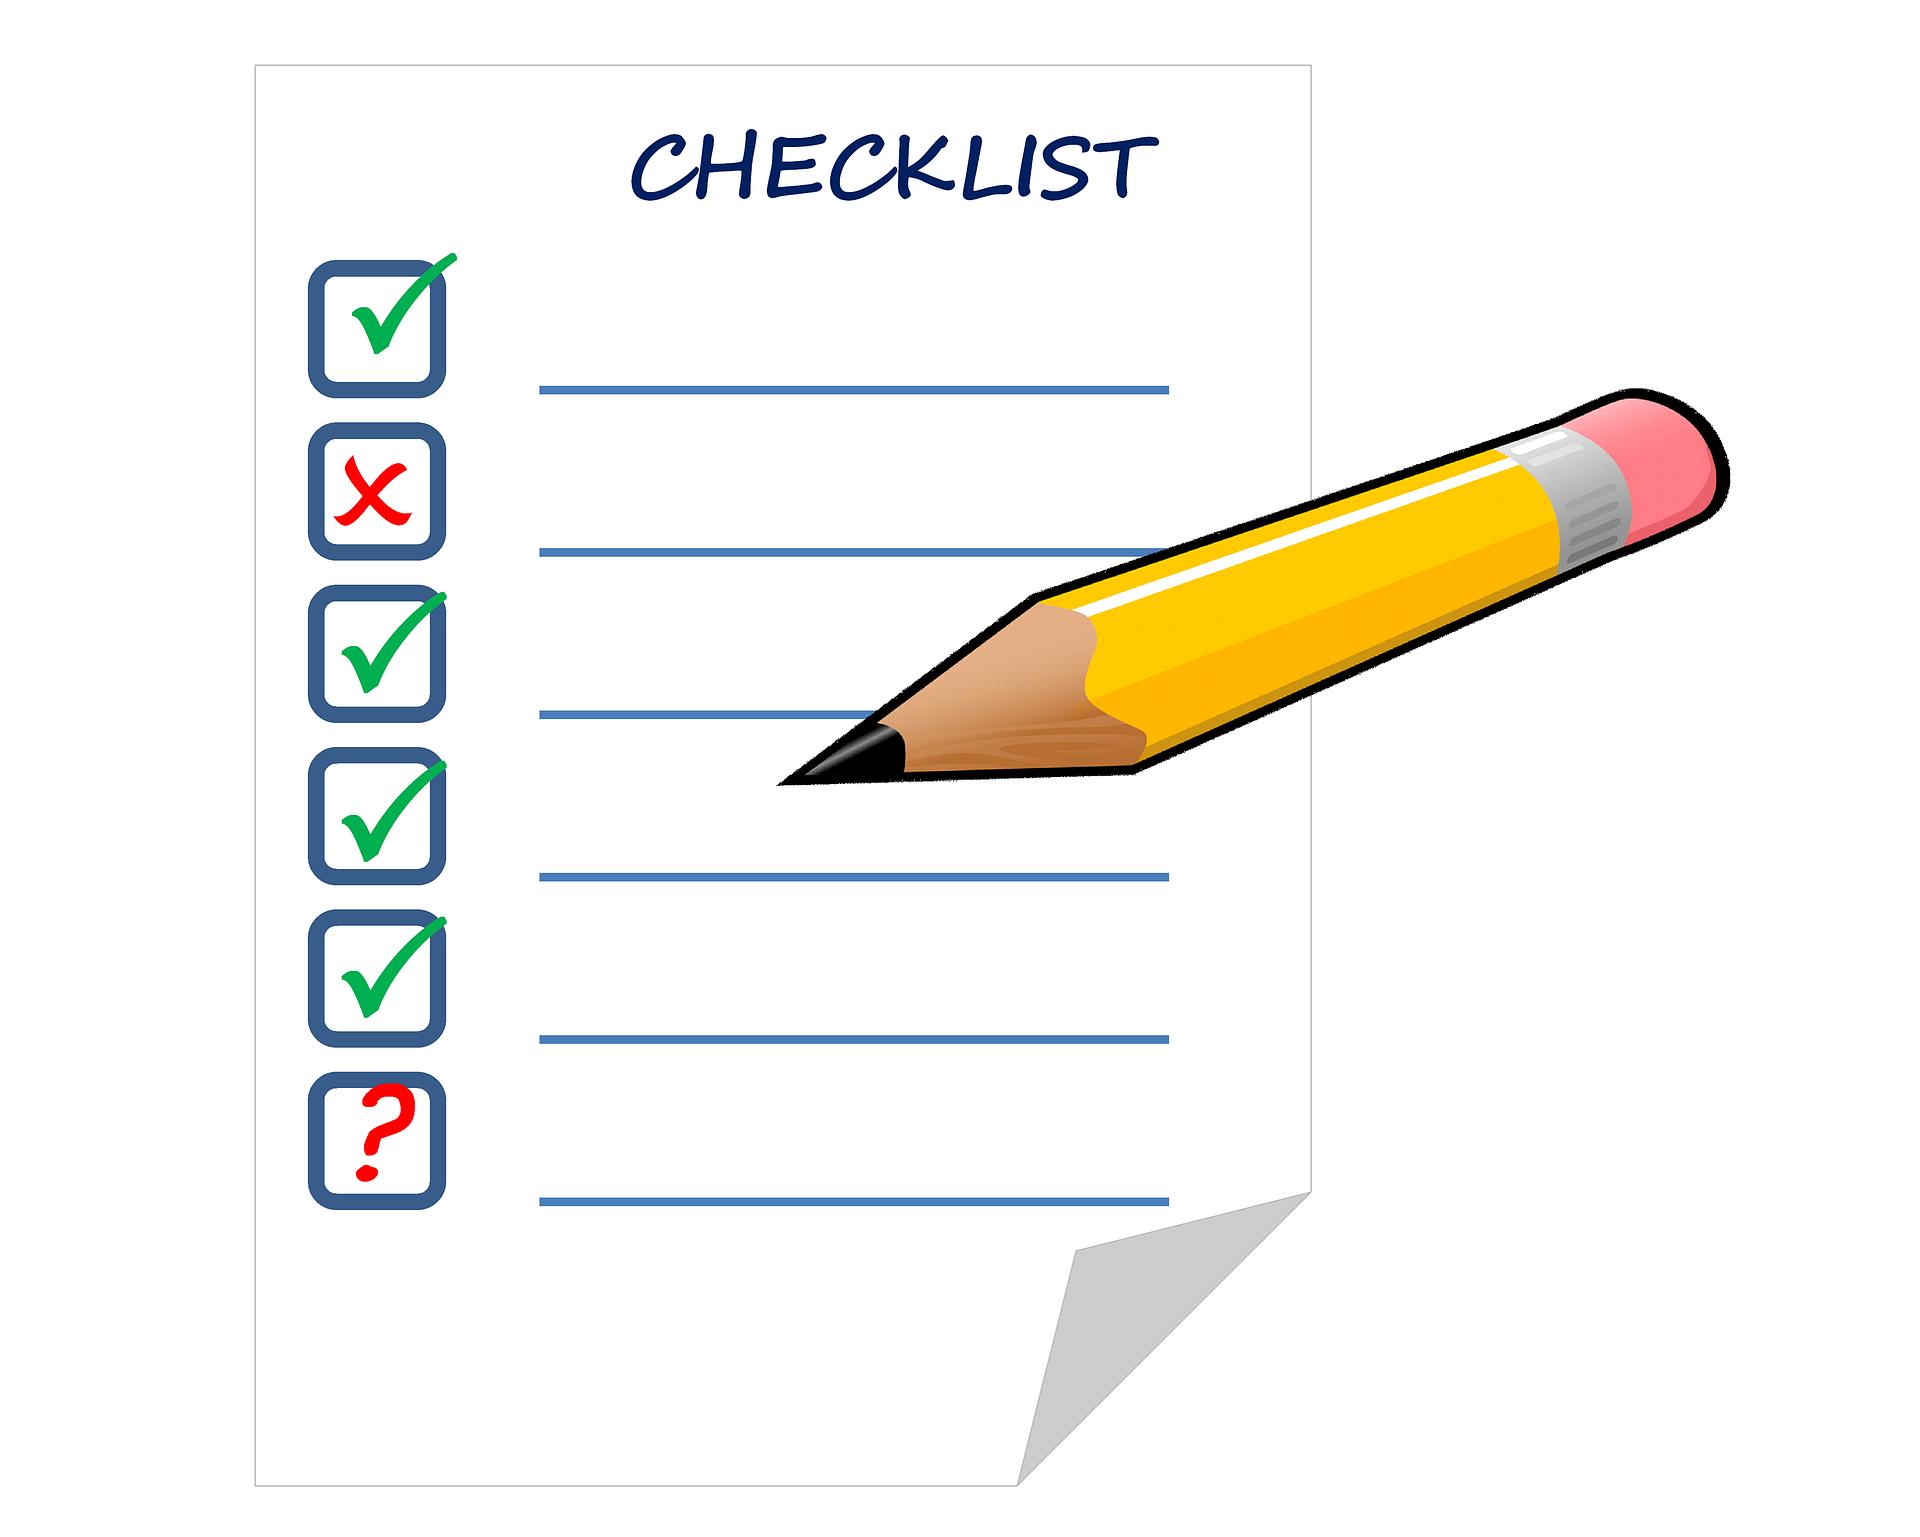 das Bild zeigt eine Graphik als Checkliste